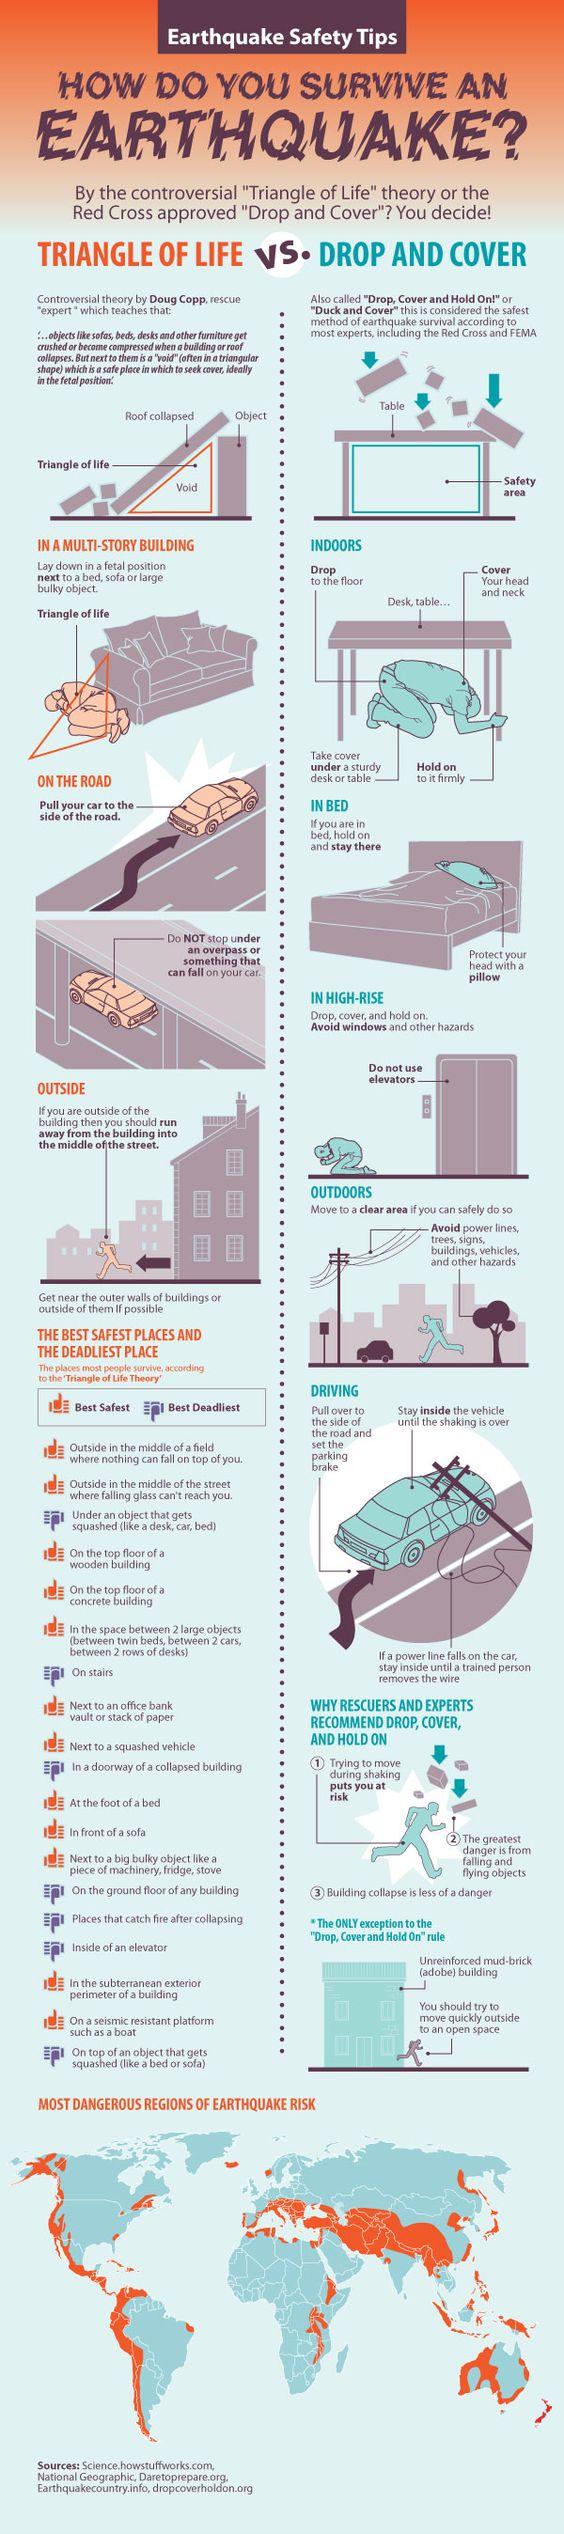 How Do You Survive an Earthquake?